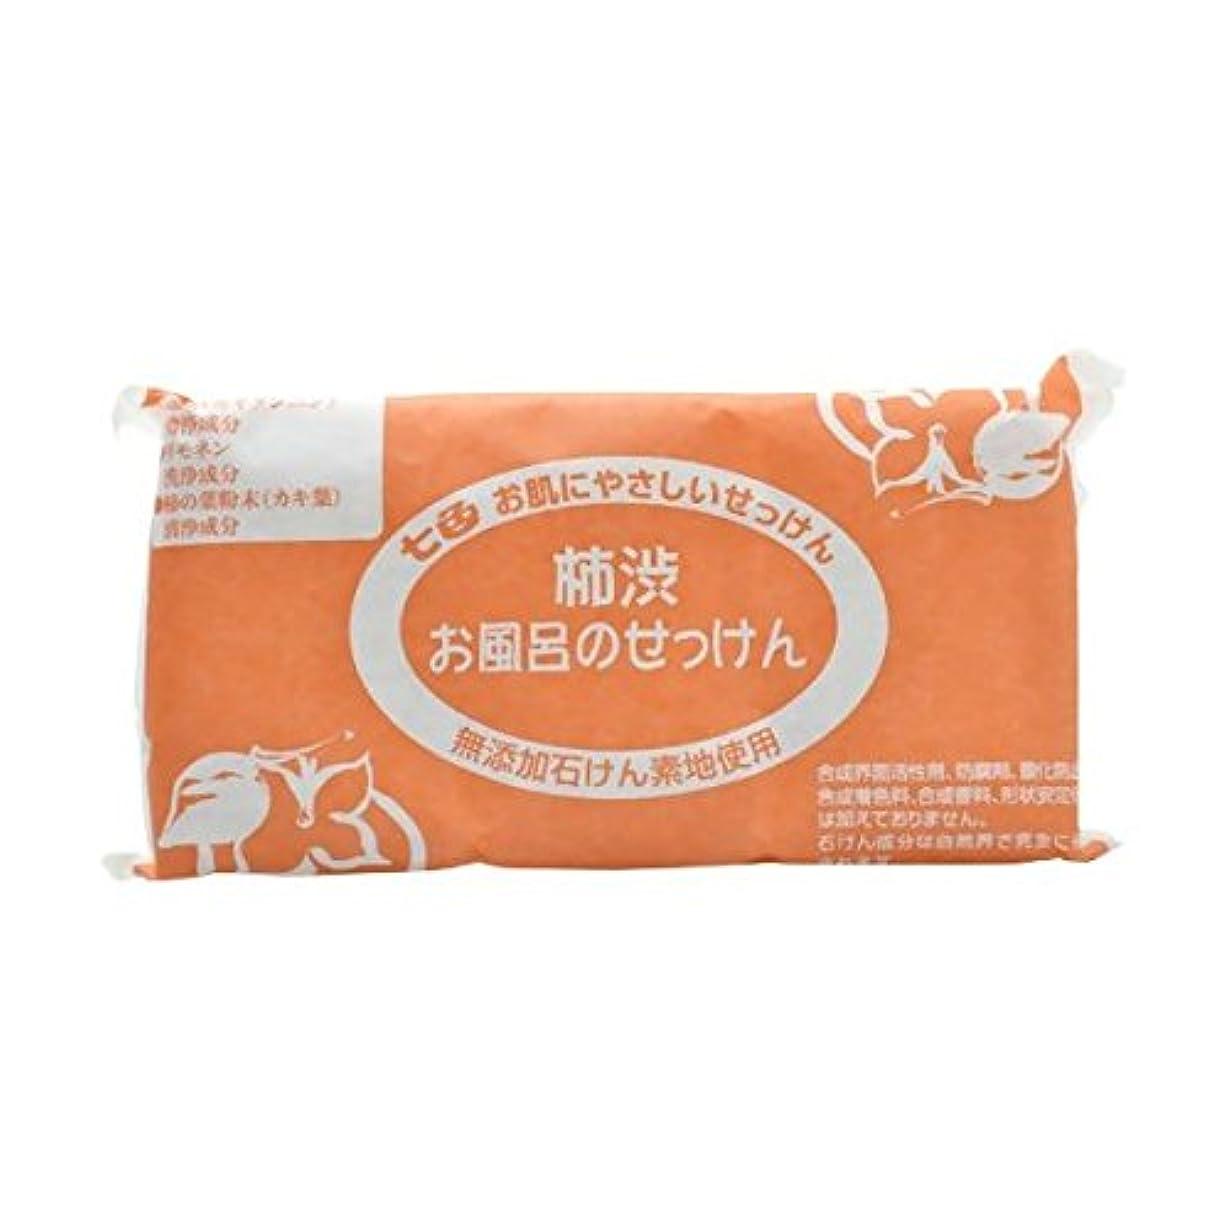 唯一パンツ抵抗(まとめ買い)七色 お風呂のせっけん 柿渋(無添加石鹸) 100g×3個入×9セット